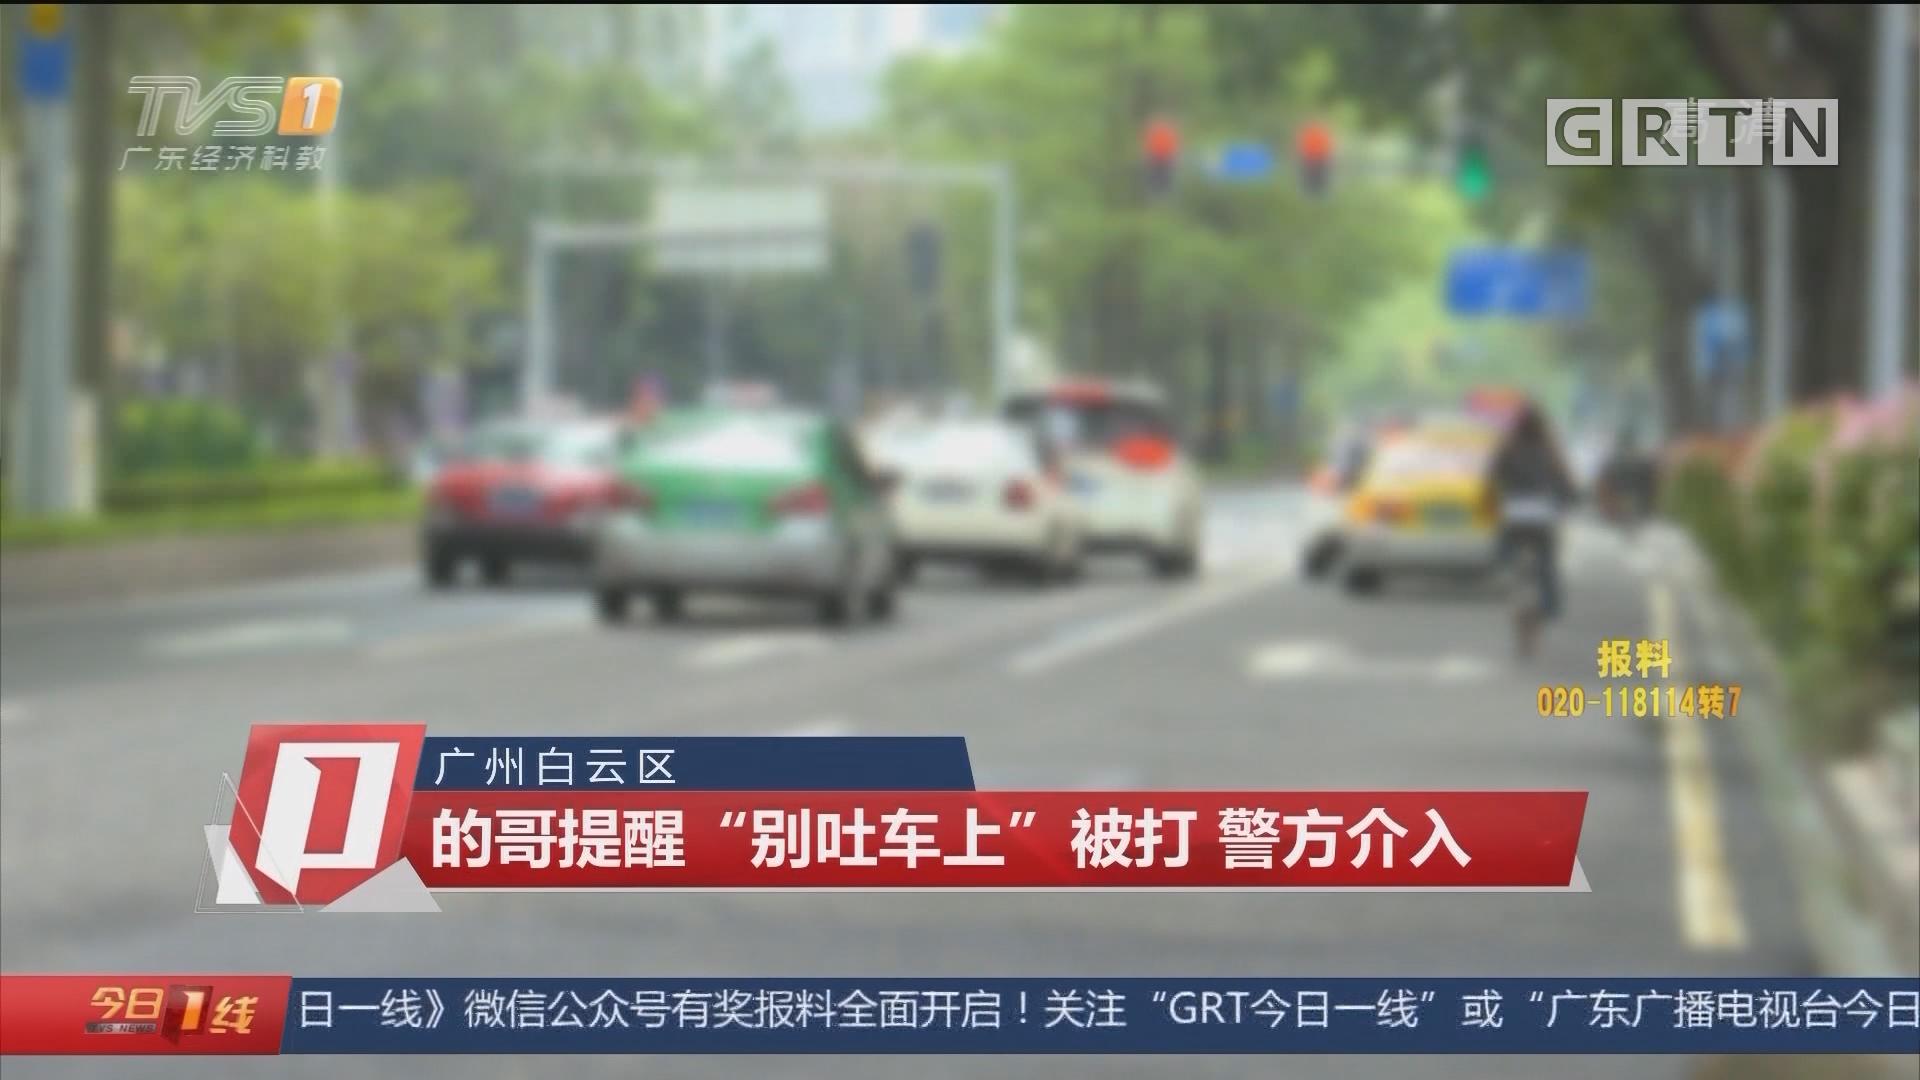 """广州白云区:的哥提醒""""别吐车上""""被打 警方介入"""